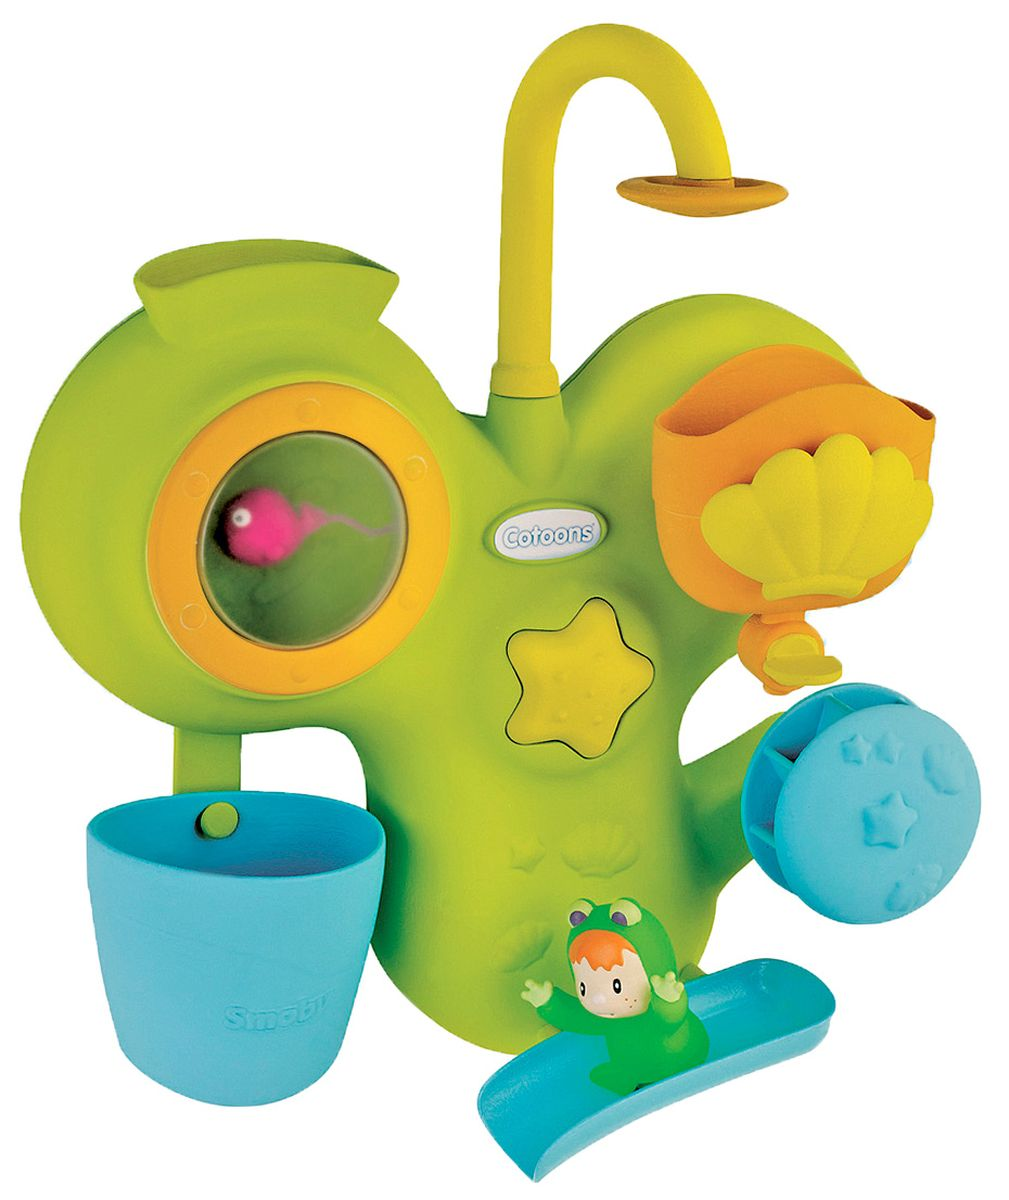 Smoby Игрушка для ванной Cotoons